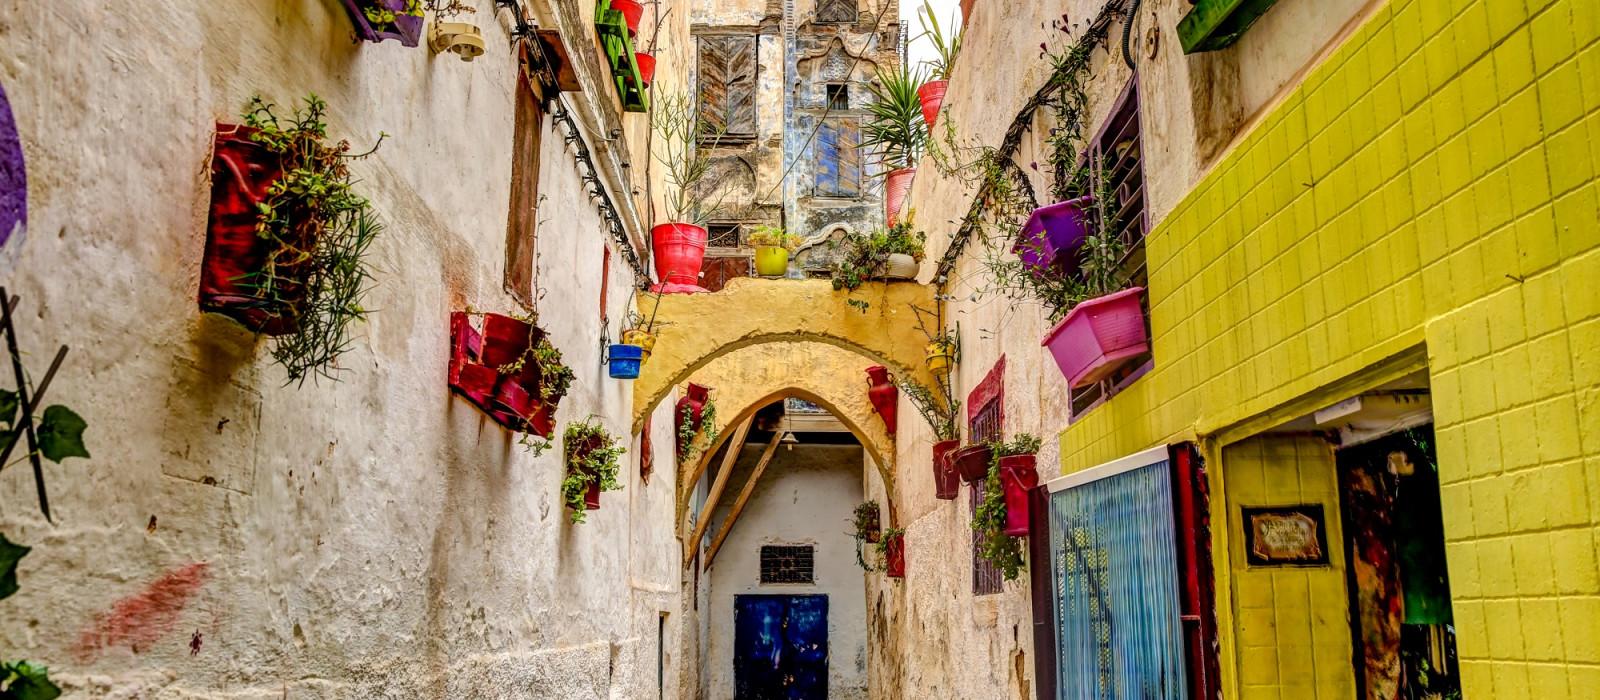 Morocco: Medina Magic and Beni Mellal Tour Trip 1